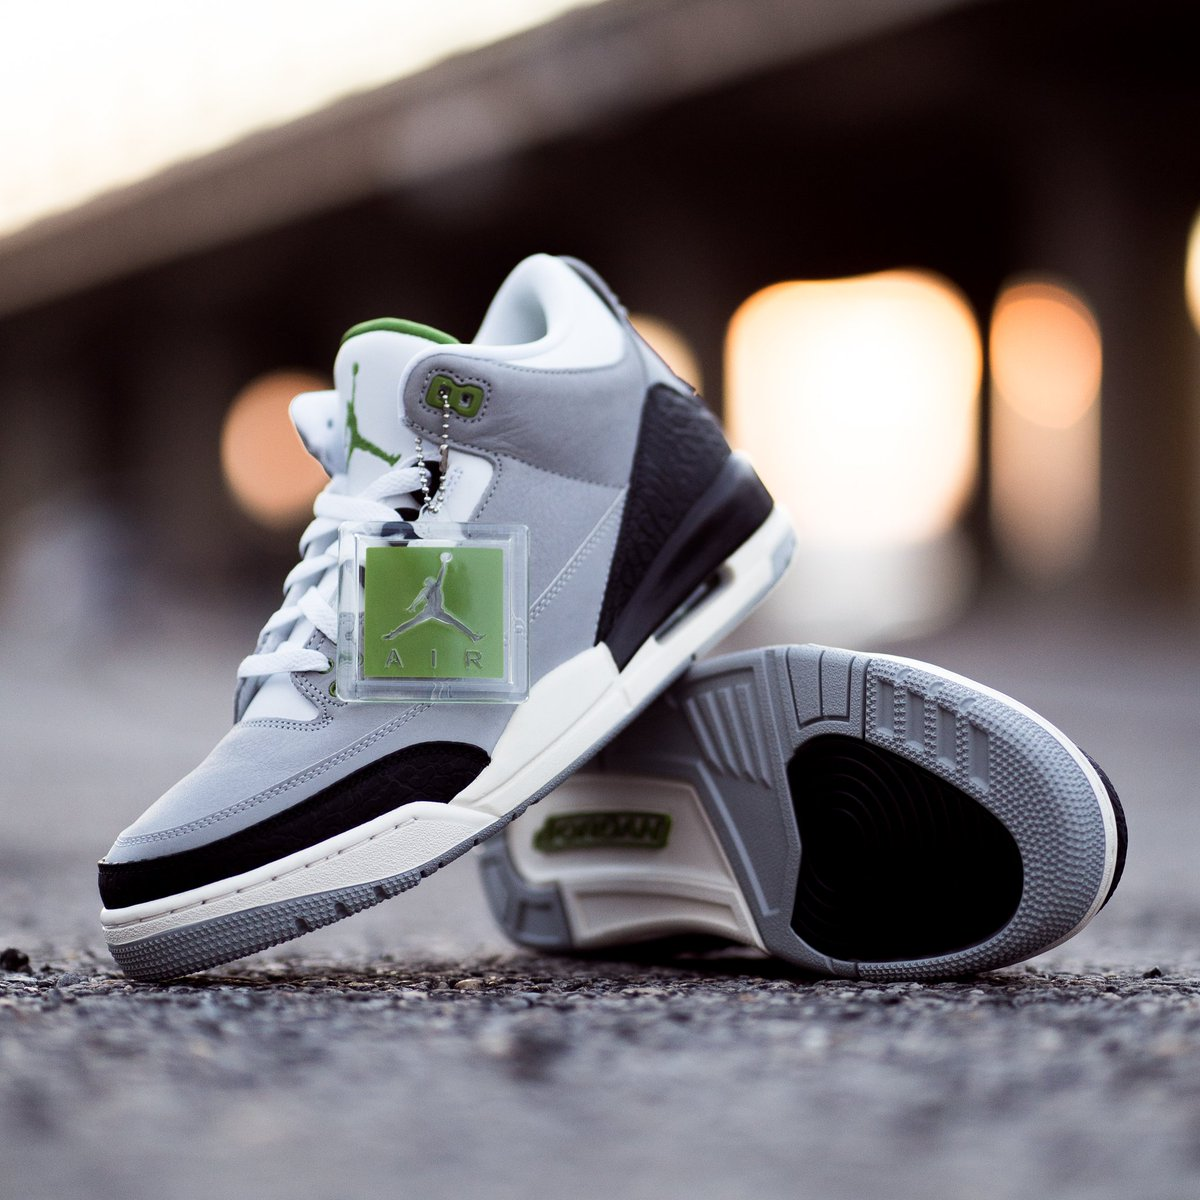 9f4fa06f9651a9 GB S Sneaker Shop on Twitter